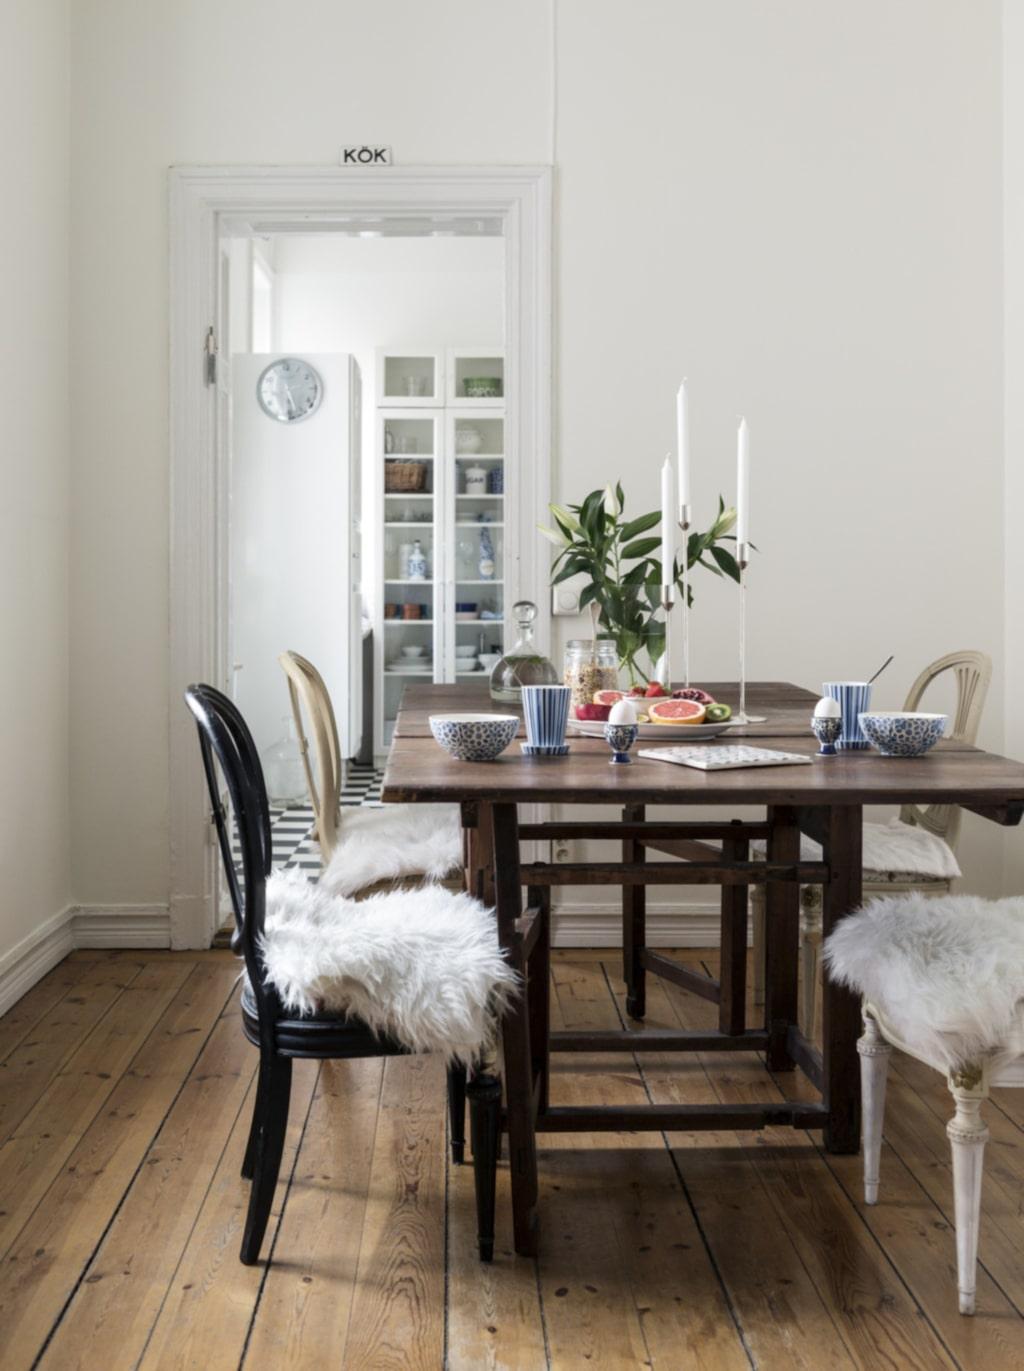 Rustikt bord. Runt det ärvda slagbordet från 1700-talet samsas loppisfyndade stolar i bondrokoko-stil. På bordet står silverljusstakar, design Richard Hutten för Skultuna. Muggar Margareta från Göteborgsfabrikerna.